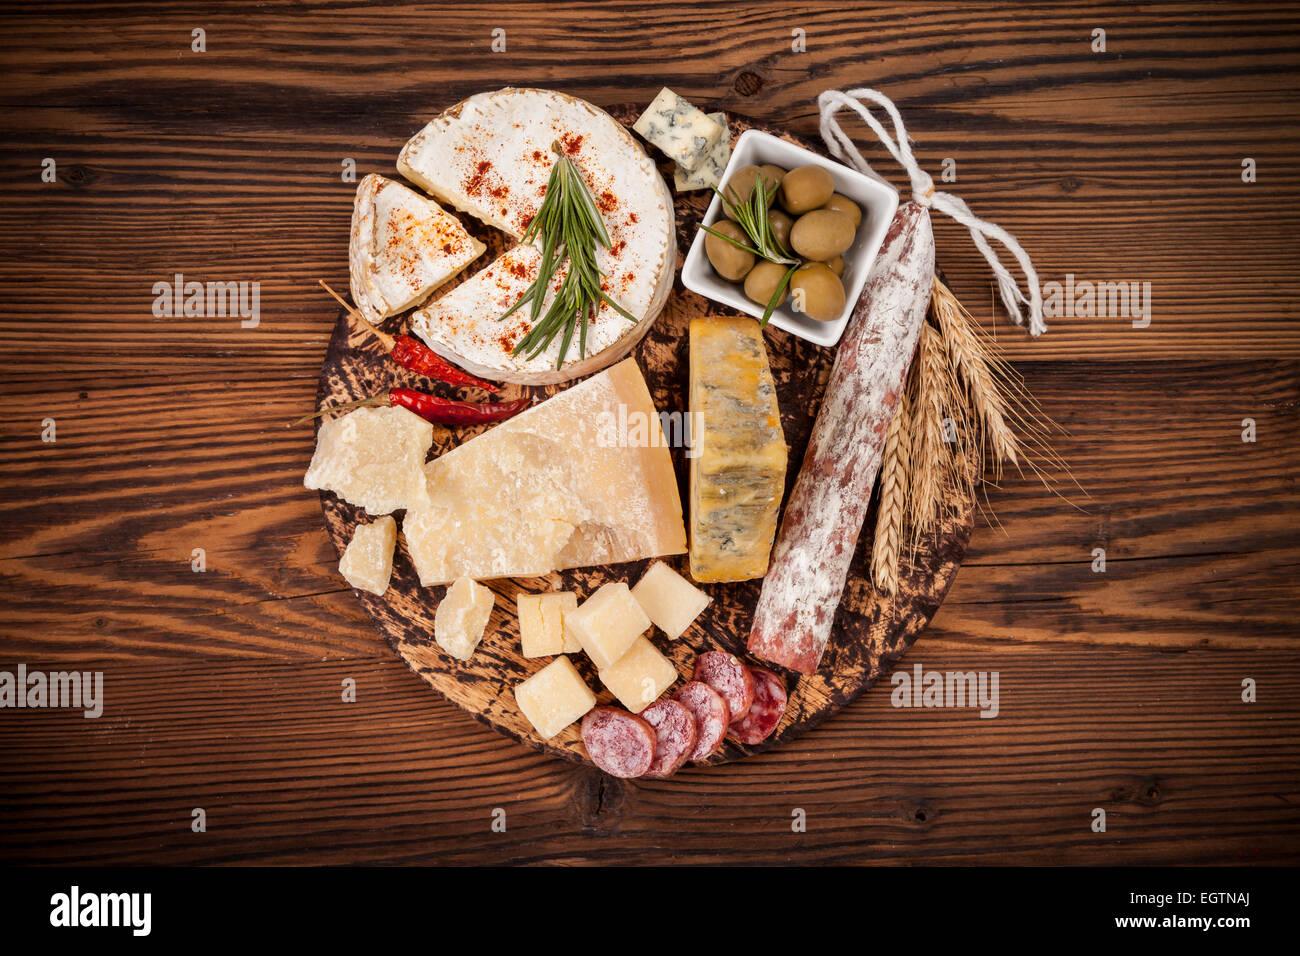 Arrangement de fromage servi sur une planche à découper. Prise de vue aérienne Photo Stock